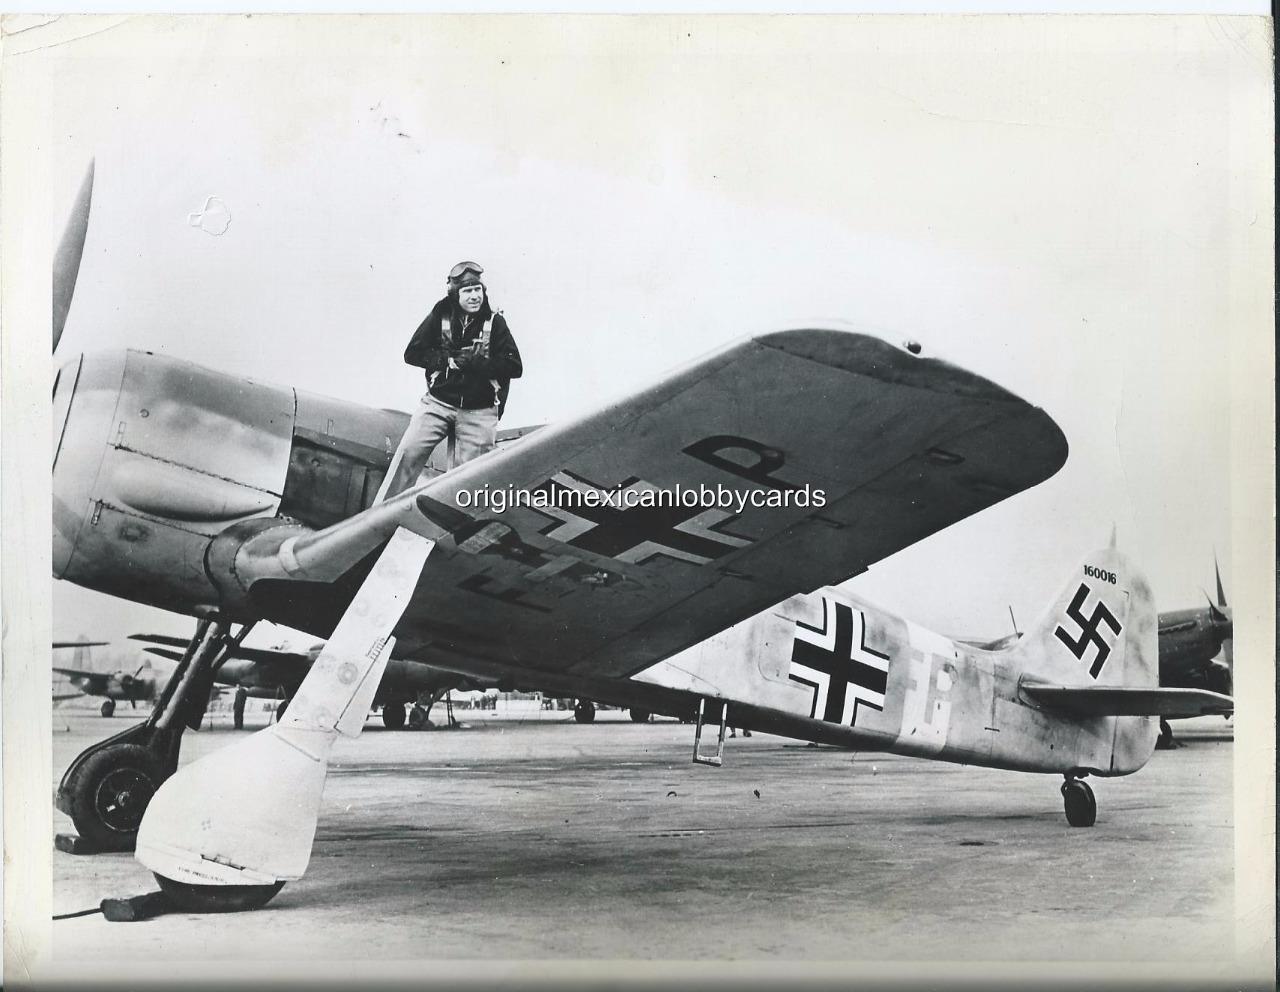 fw190_101_190G-3 had the Werkenummer 160016 with Stammkennzeichen DN+FP captured 1943.jpg